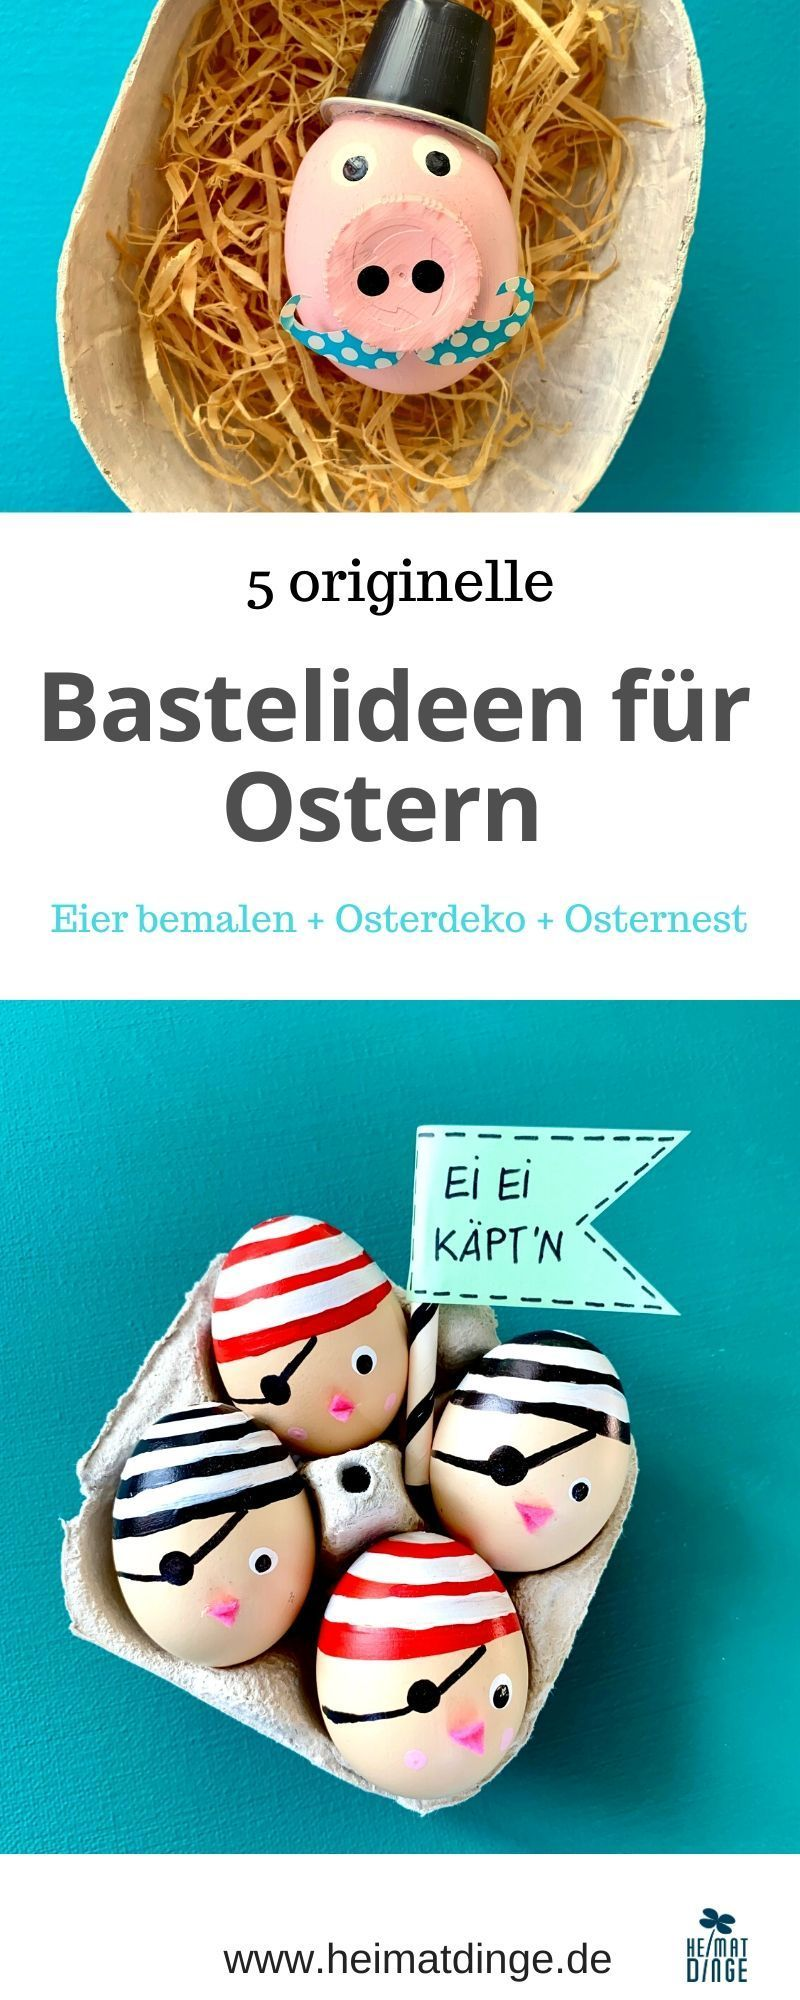 Ostern: 5 lustige Bastelideen für Kinder. Ob Ostereier bemalen, Osterkörbchen und Osternester basteln, Osterdeko selber machen oder Geschenke selber basteln, es ist für jeden etwas dabei. Osterbasteleien mit kindern dürfen in der Osterzeit nicht fehlen. Bunt, lustig, originell und einfach müssen sie sein. Upcycling Ideen dürfen dabei natürlich auch nicht fehlen. Eine tolle Auswahl an Bastelideen für Ostern findest du hier. #ostern#basteln#ostereier#kinder#upcycling#bemalen